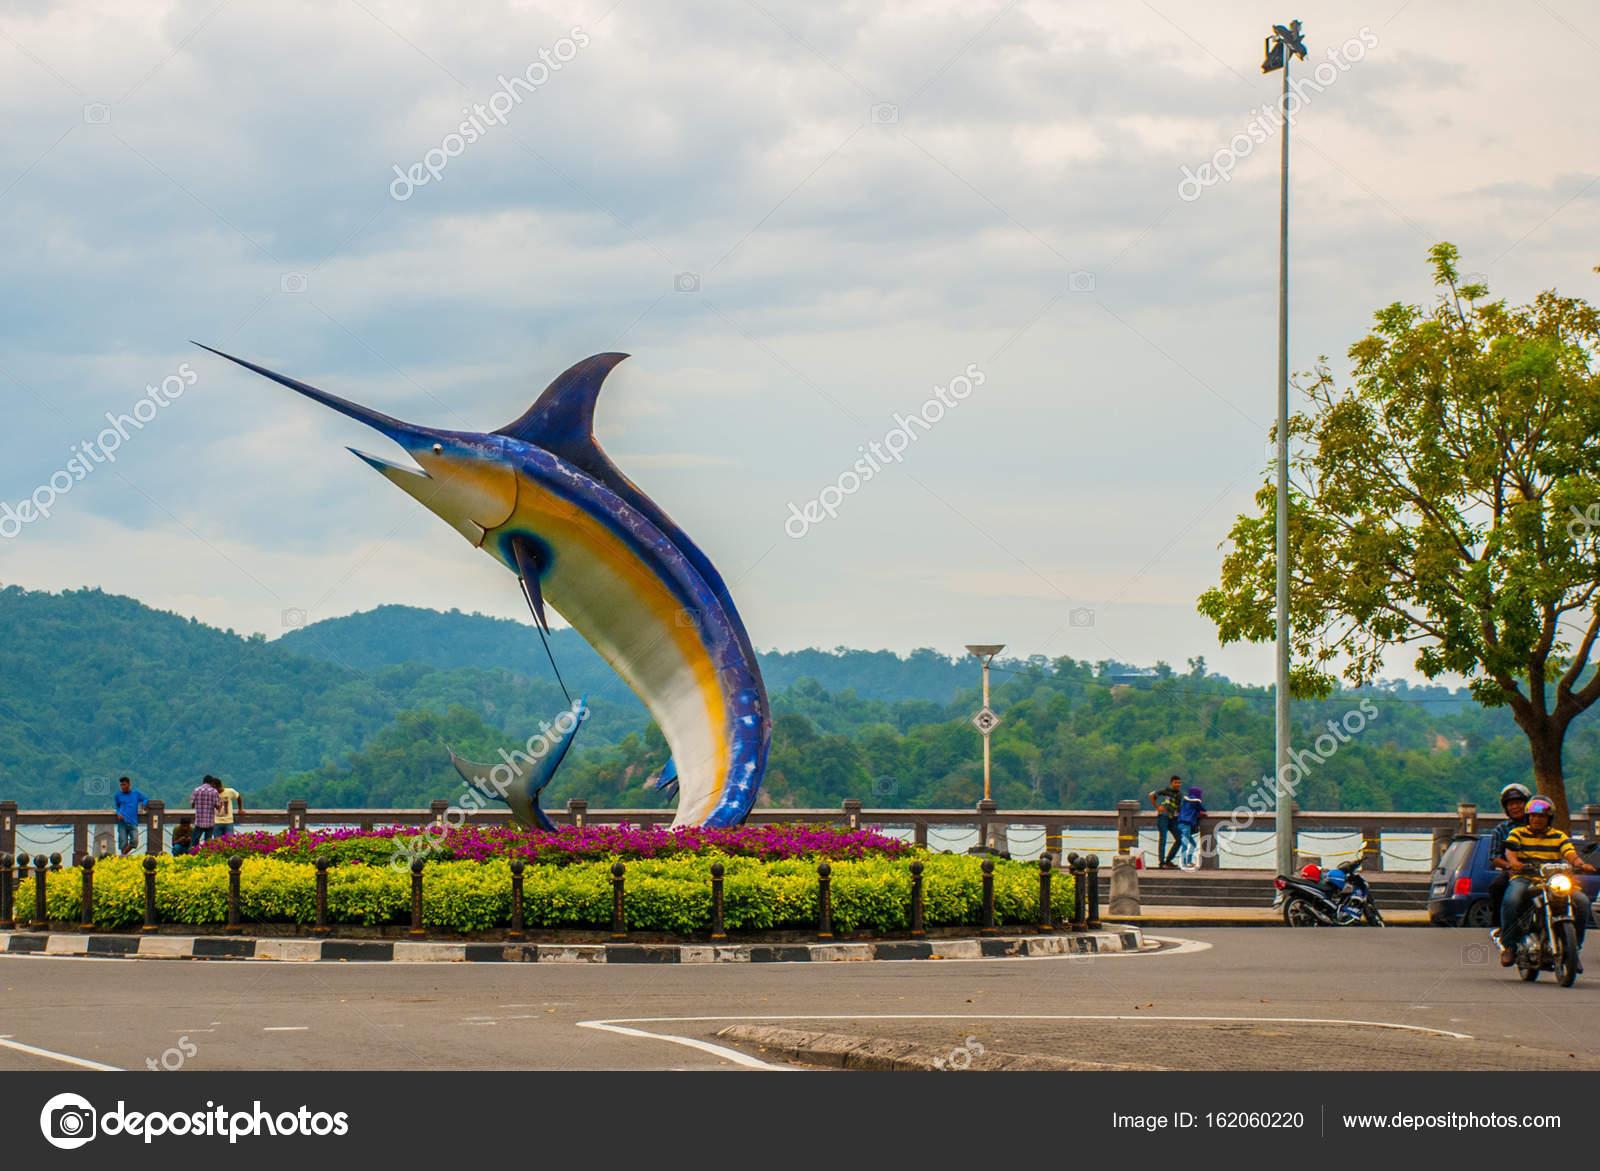 The Fish Sculpture On The Waterfront Kota Kinabalu Sabah Malaysia